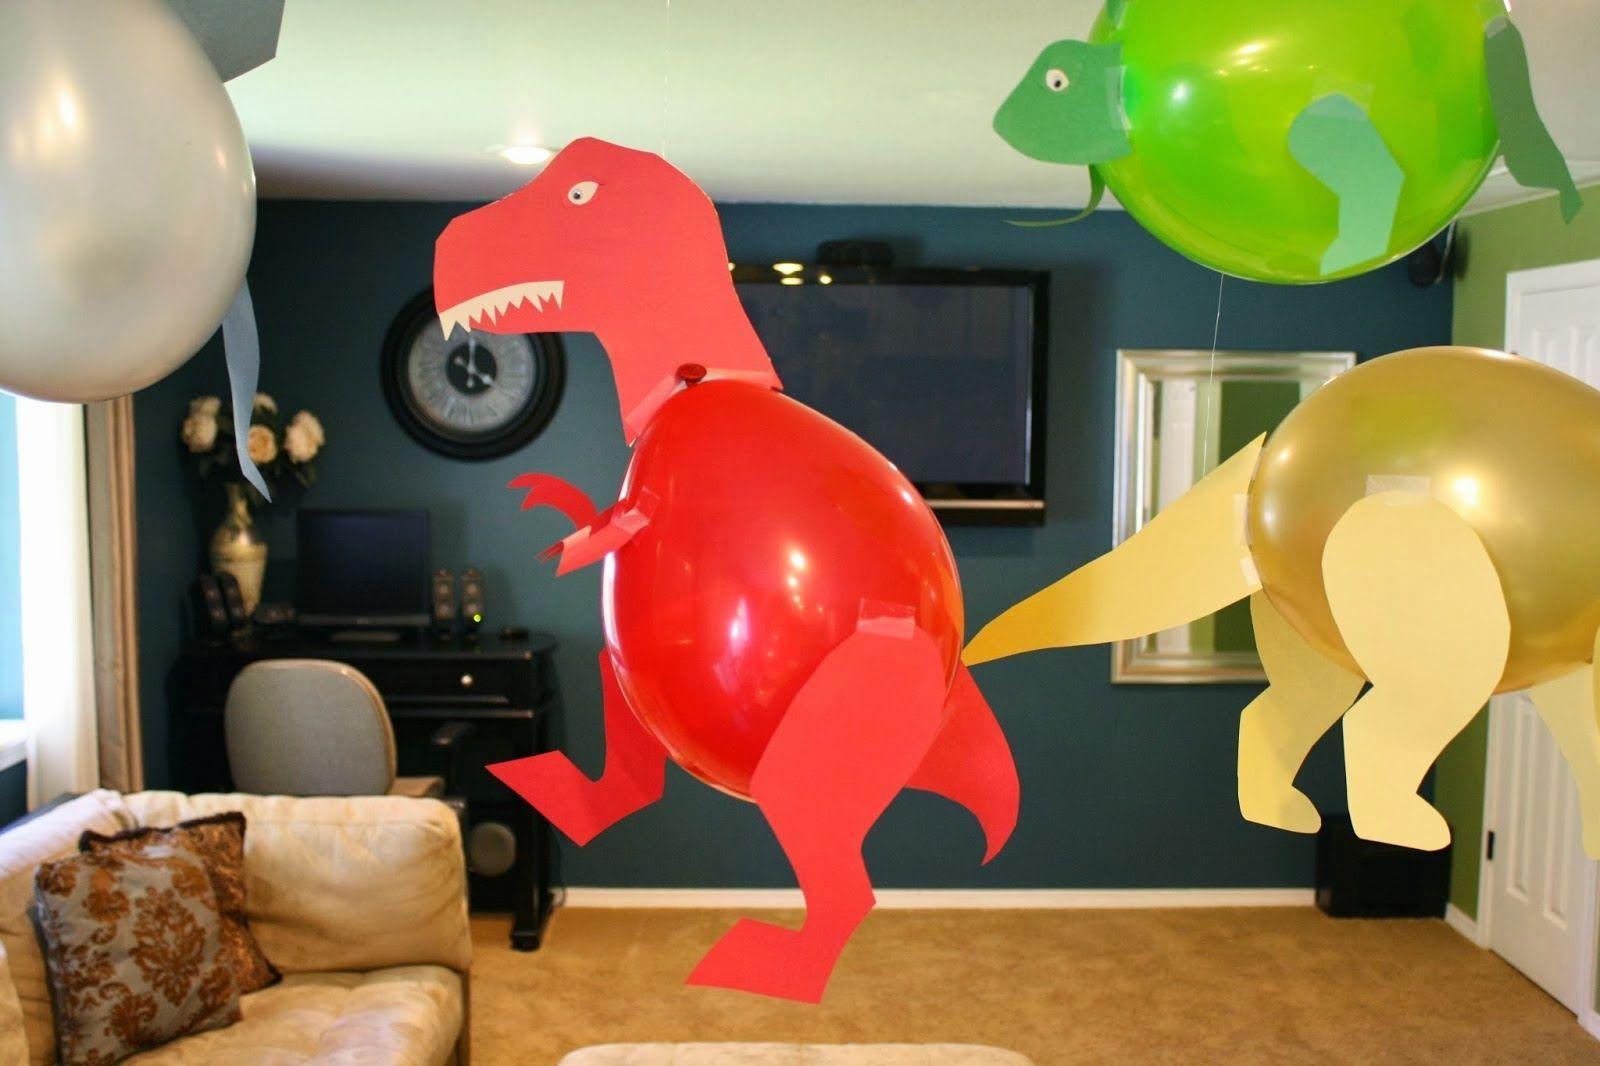 Dinosaurios Con Globos Manualidades Faciles Globos Fiesta De Dinosaurios Buscando articulos de para tu fiesta de cumpleaños? dinosaurios con globos manualidades